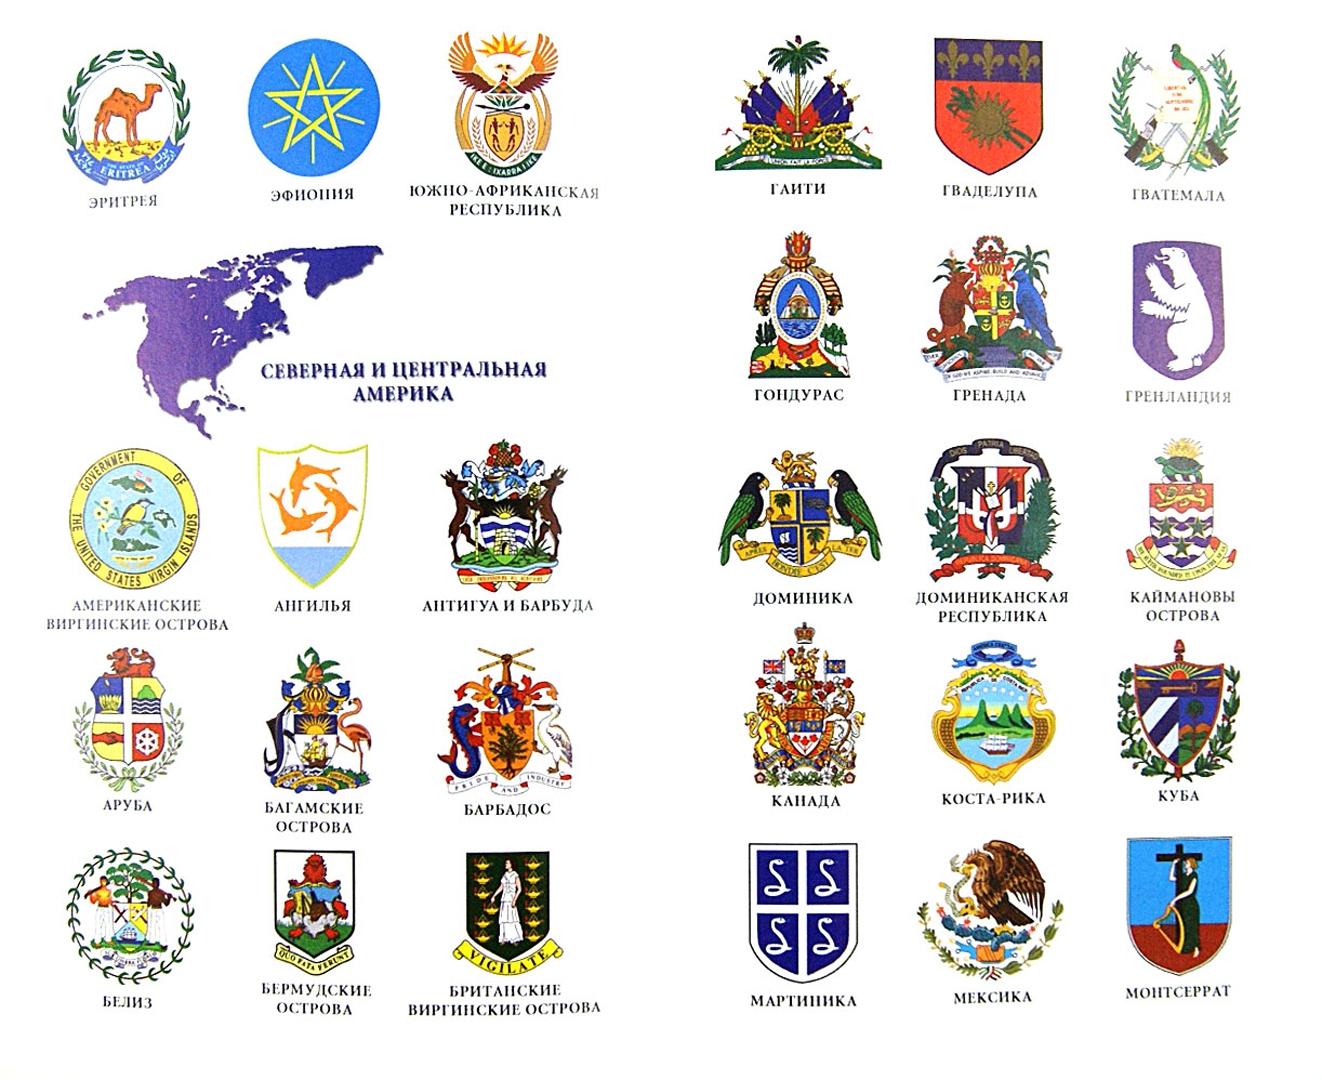 Флаги и гербы всей страны картинки и названия появляются рядом